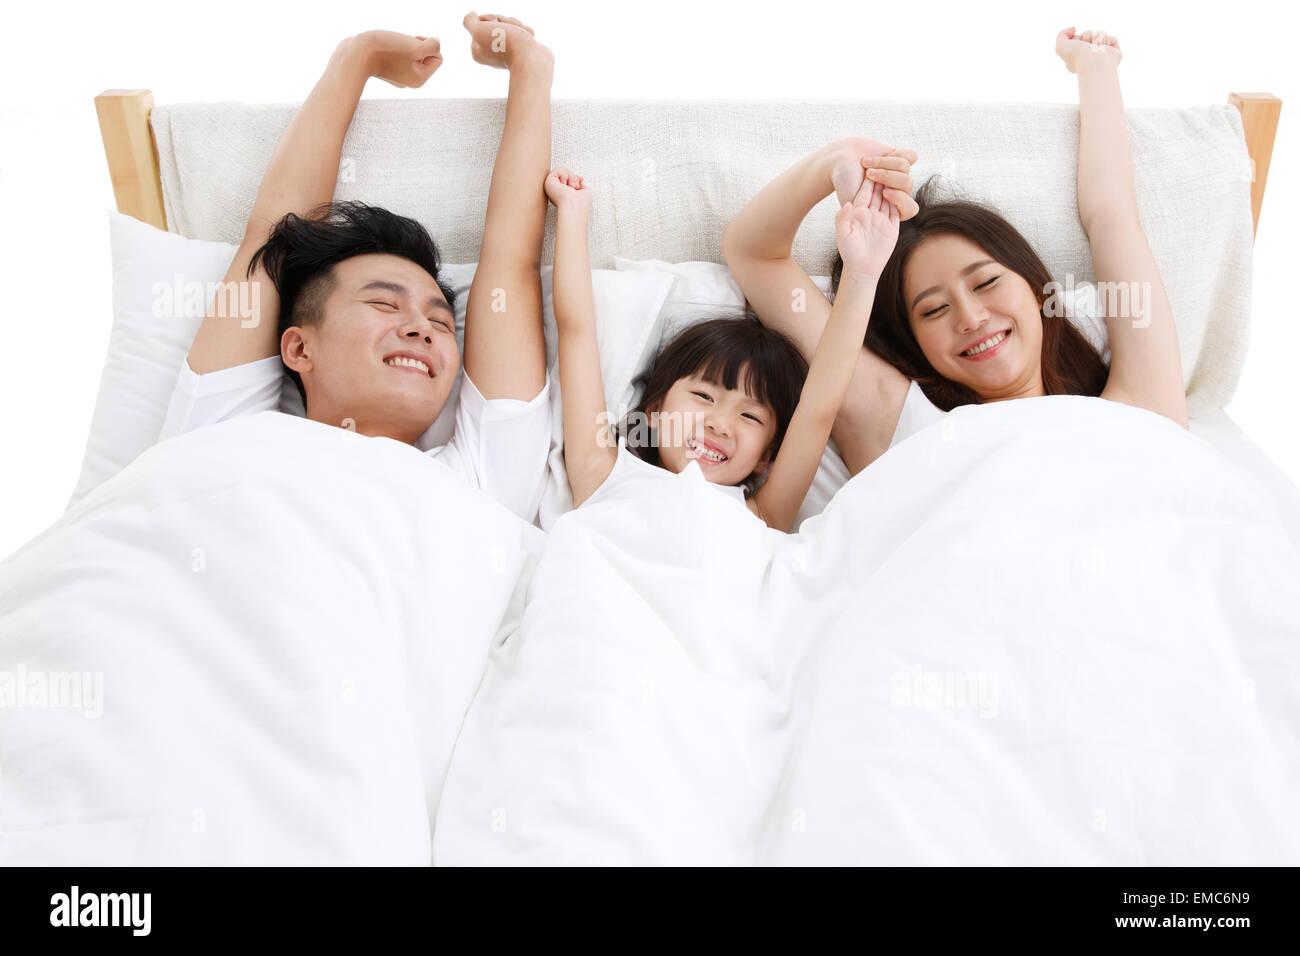 La felicità di una famiglia di tre persone nel letto della camera da letto si è svegliato Immagini Stock